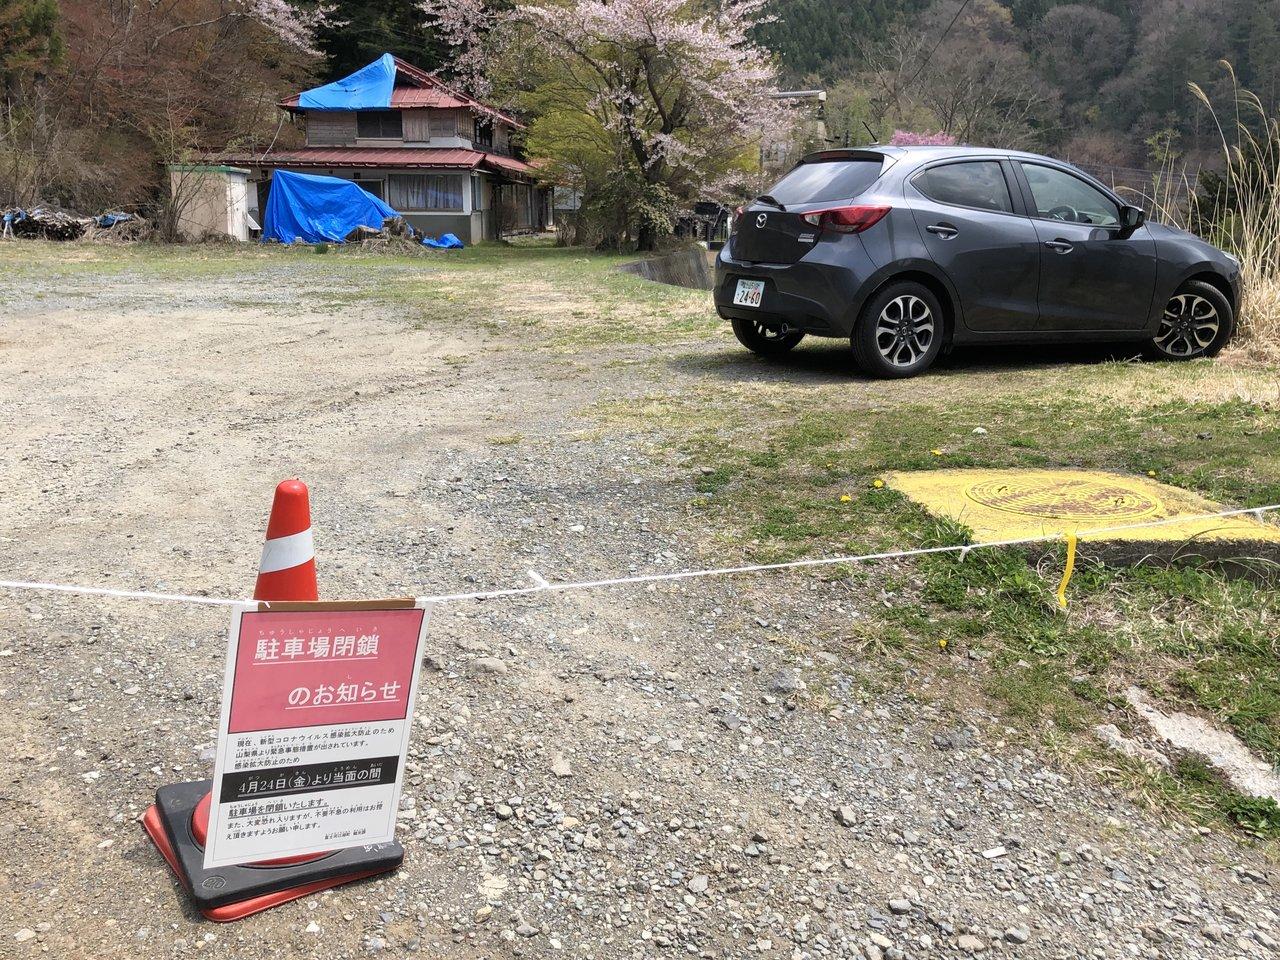 新型コロナウイルス対策 | ゴールデンウィーク期間における駐車場等の閉鎖について